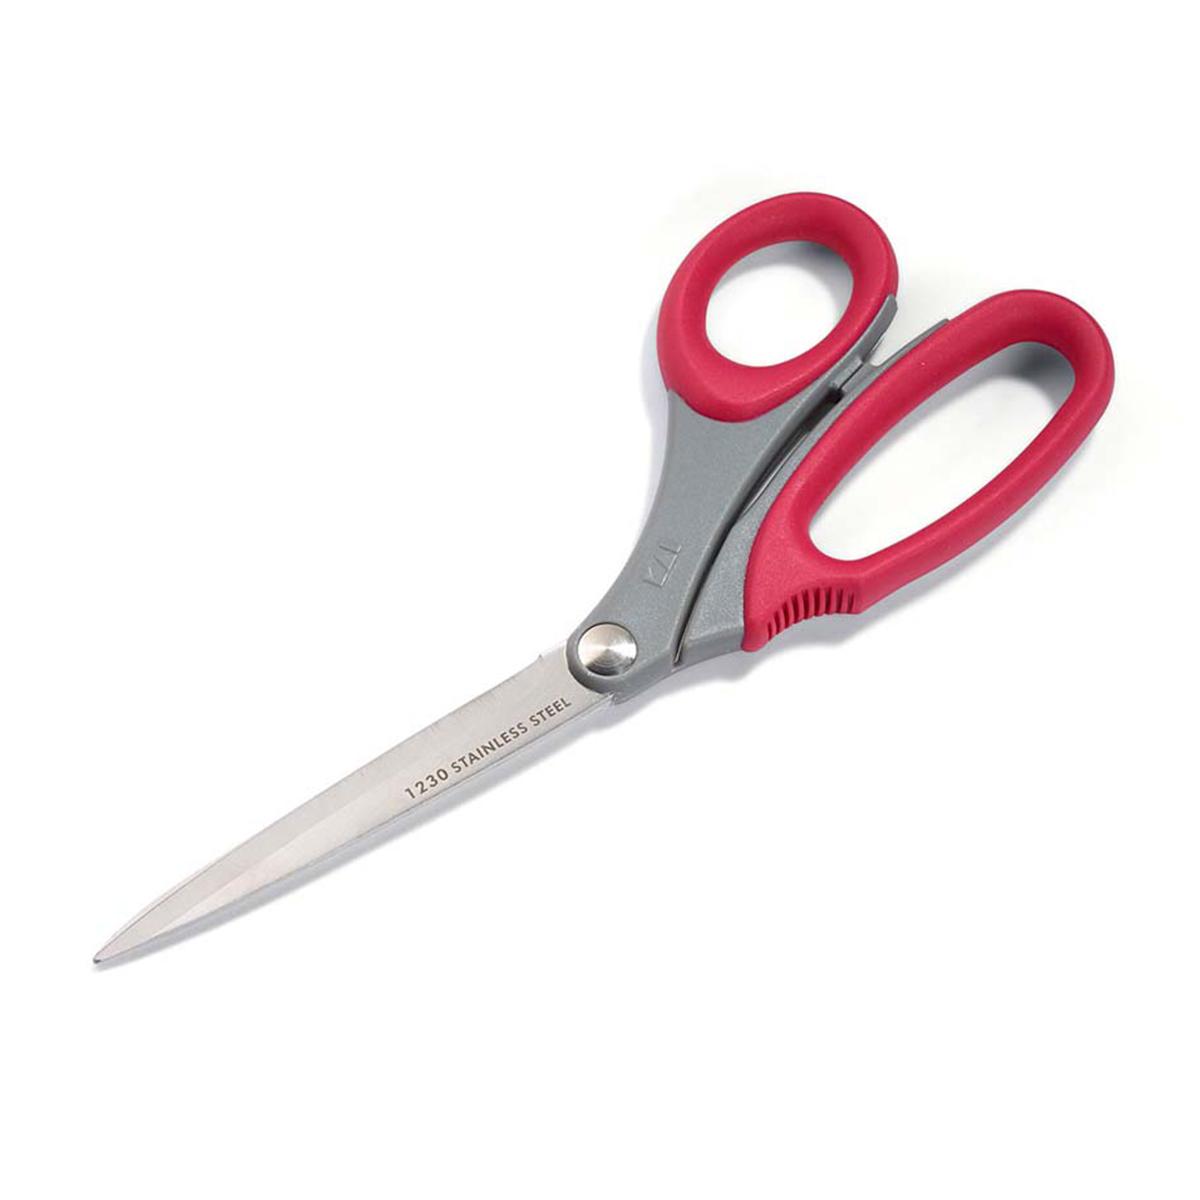 610524 Hobby Ножницы для шитья, 8 3/4 дюйма, 23 см Prym